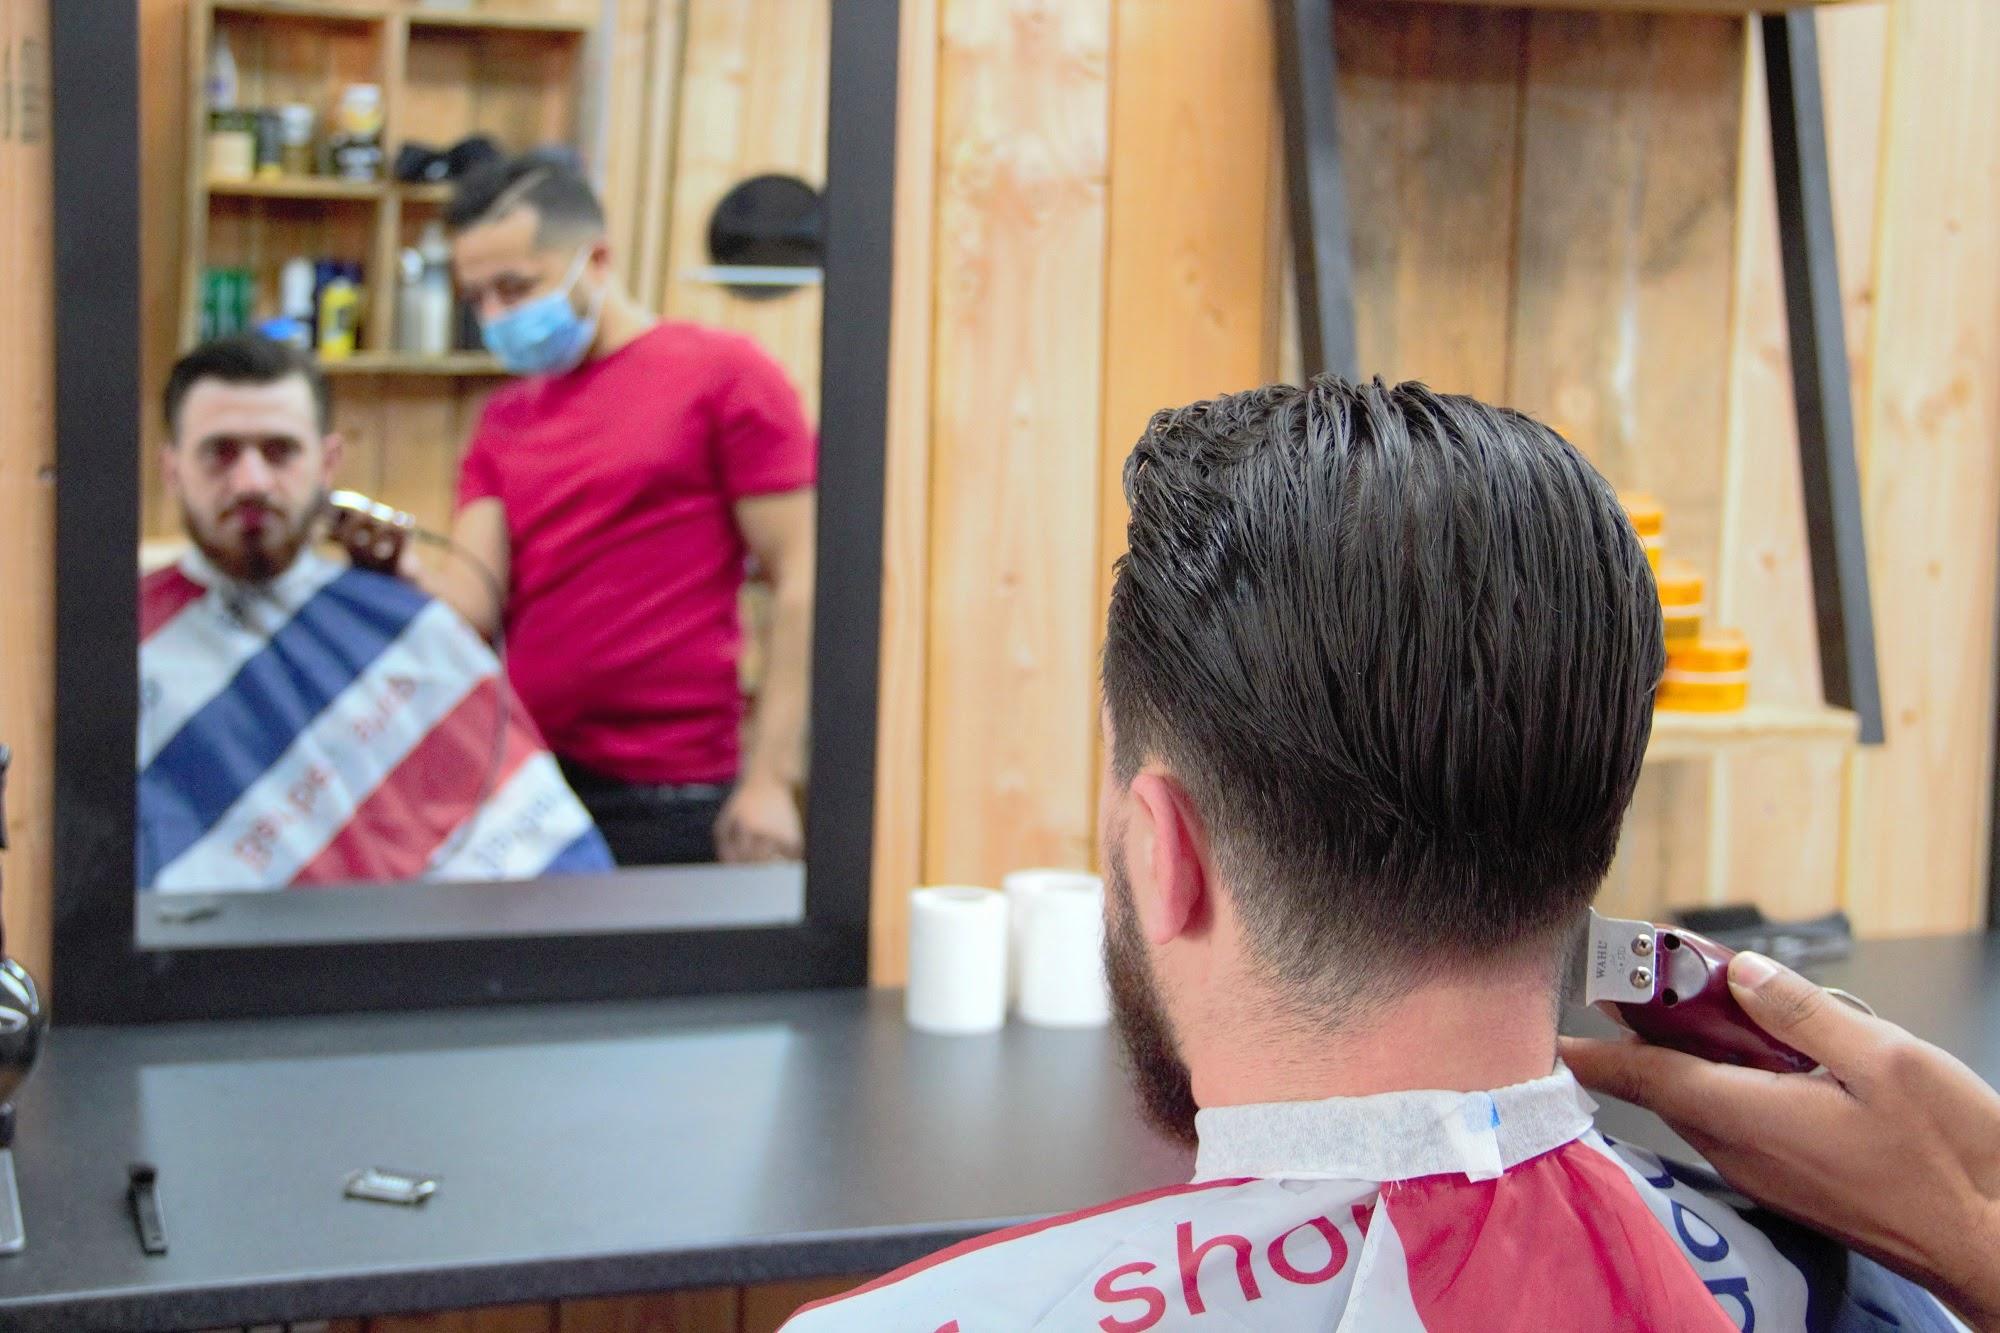 win kapper bergen op zoom adel bosstraat barbershop kapsalon kappers kapperszaak barbier